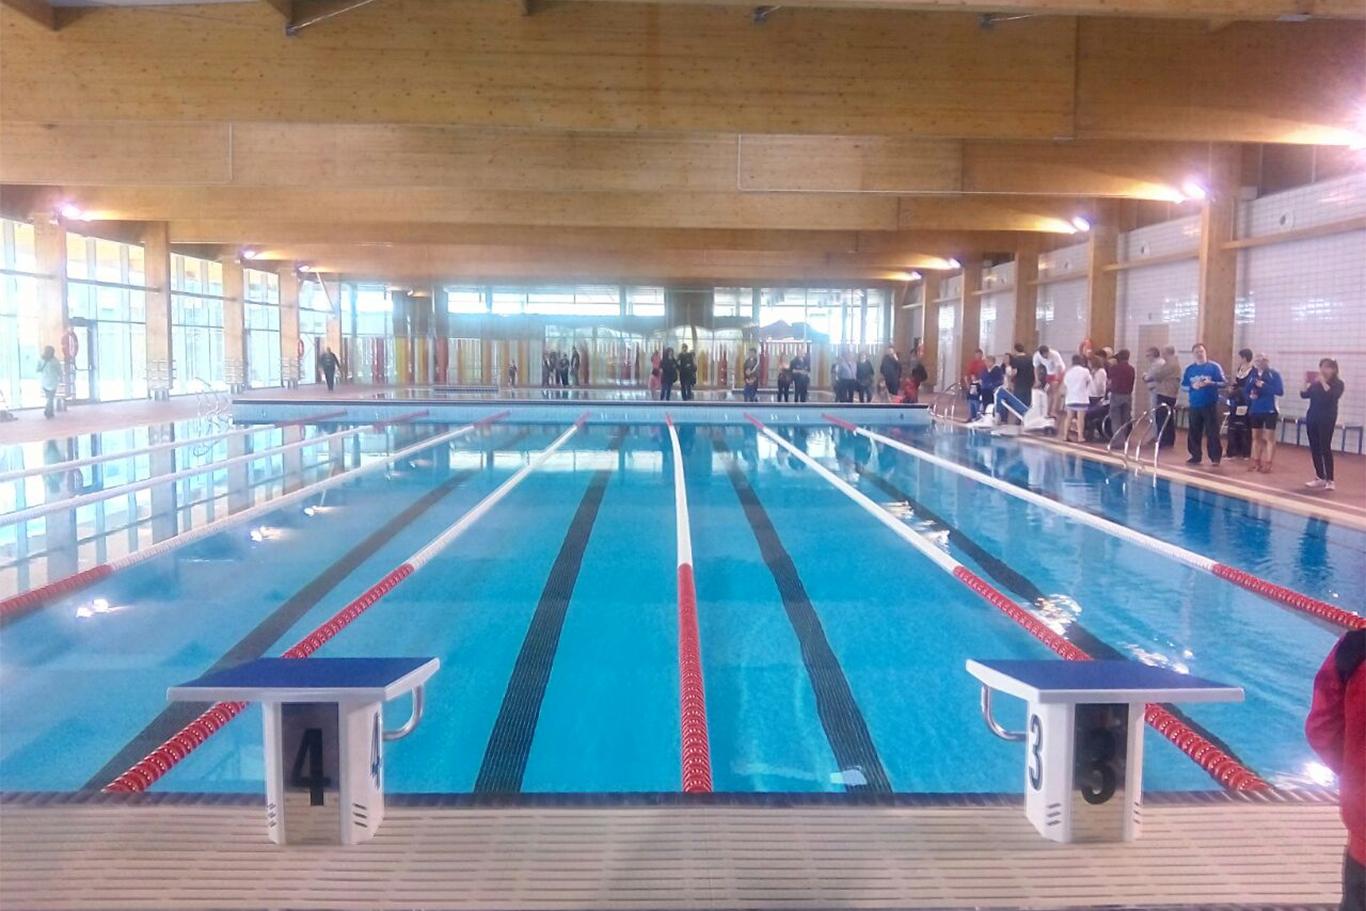 las piscinas cubiertas de espartales cierran durante una